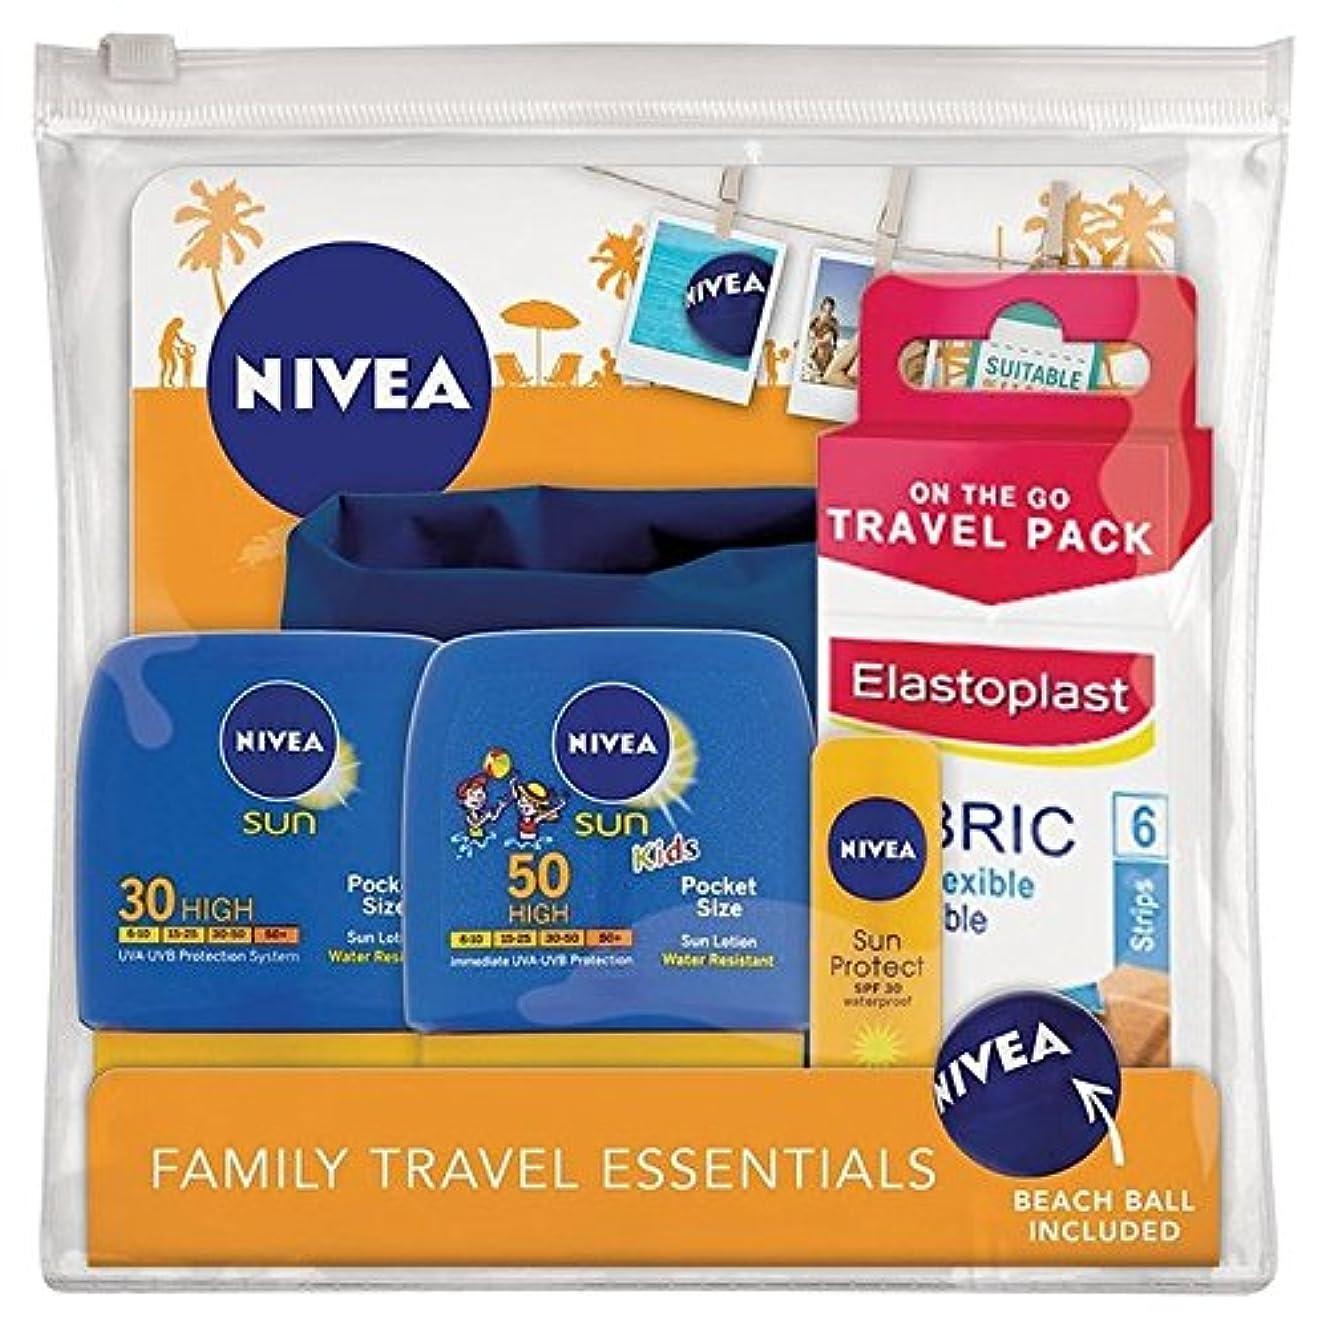 大胆通り抜けるシリアルニベア日旅行パック x4 - Nivea Sun Travel Pack (Pack of 4) [並行輸入品]